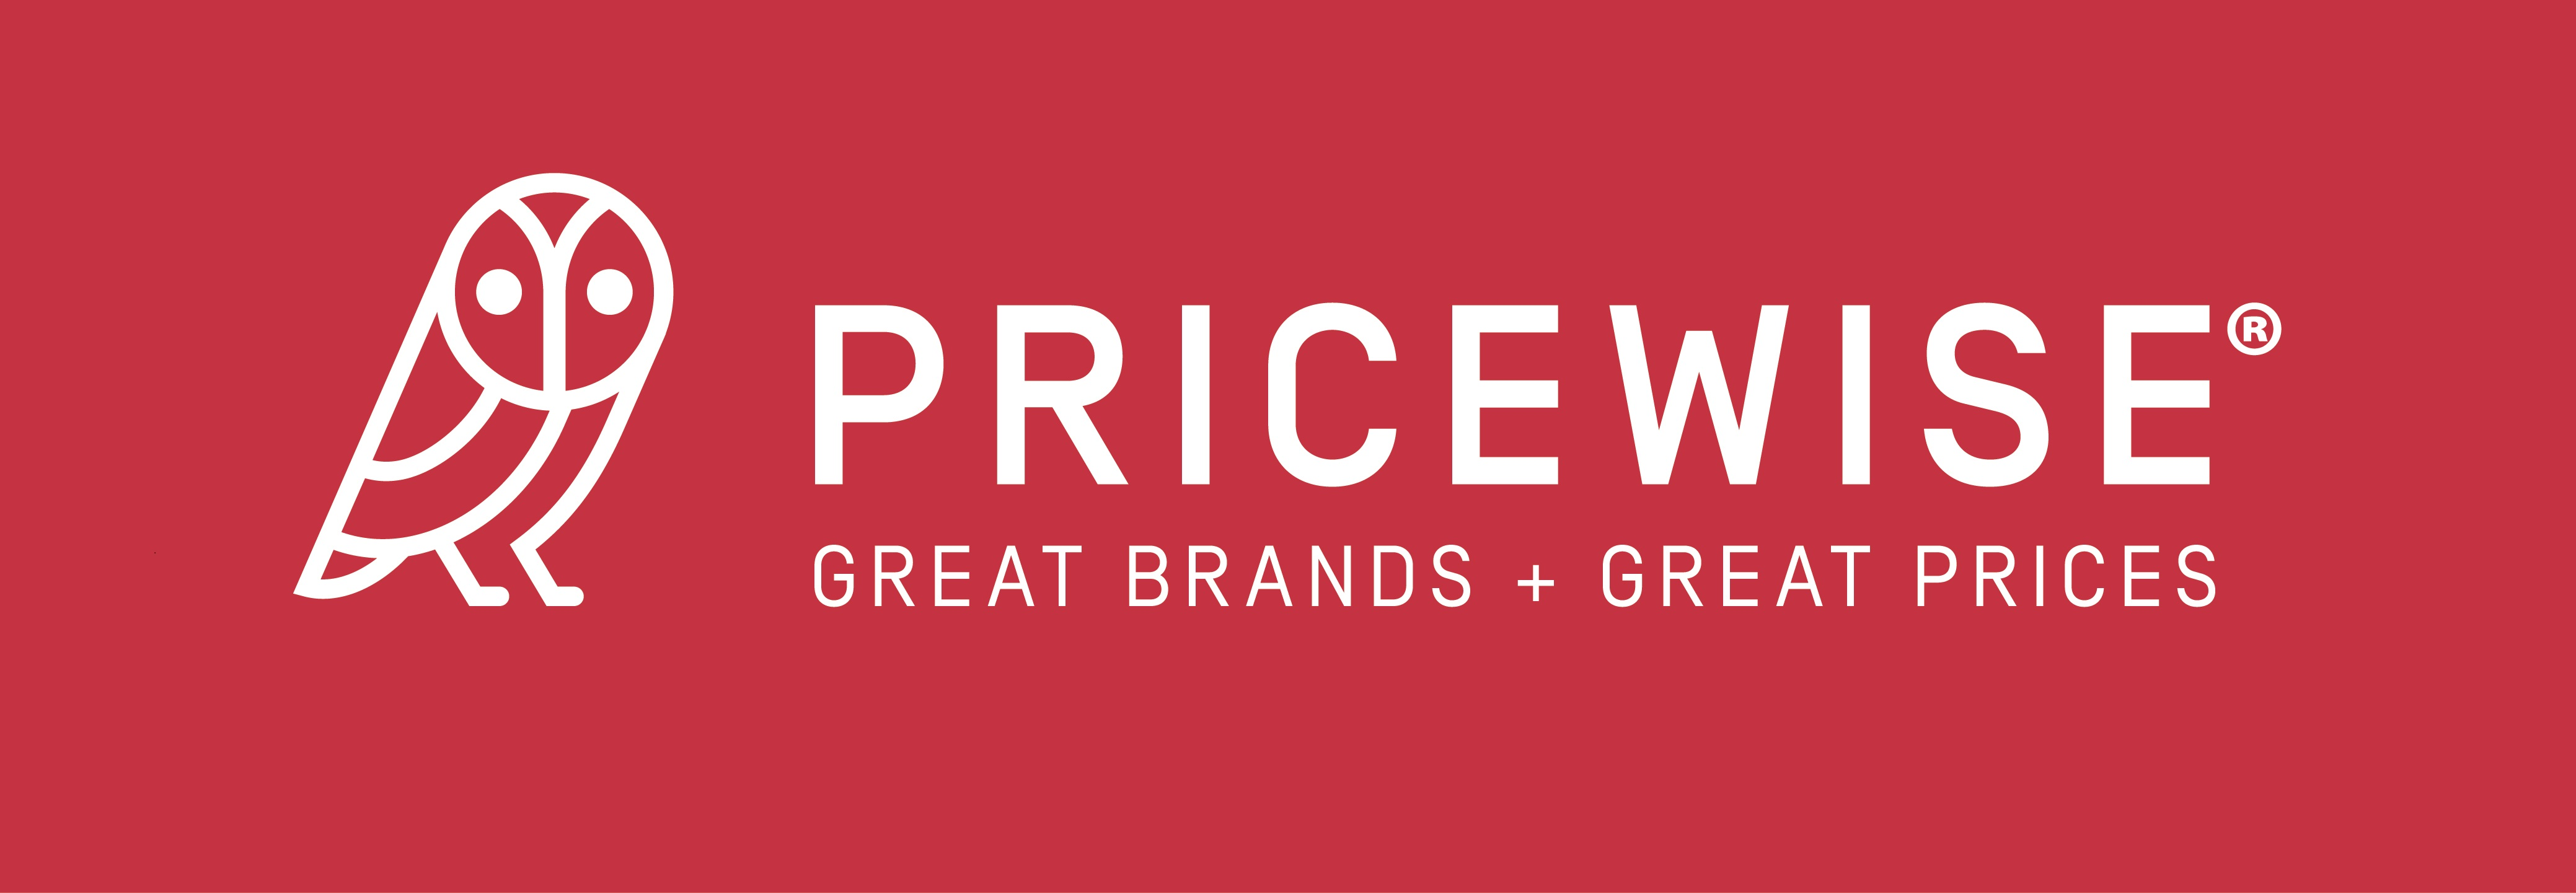 Pricewise logo